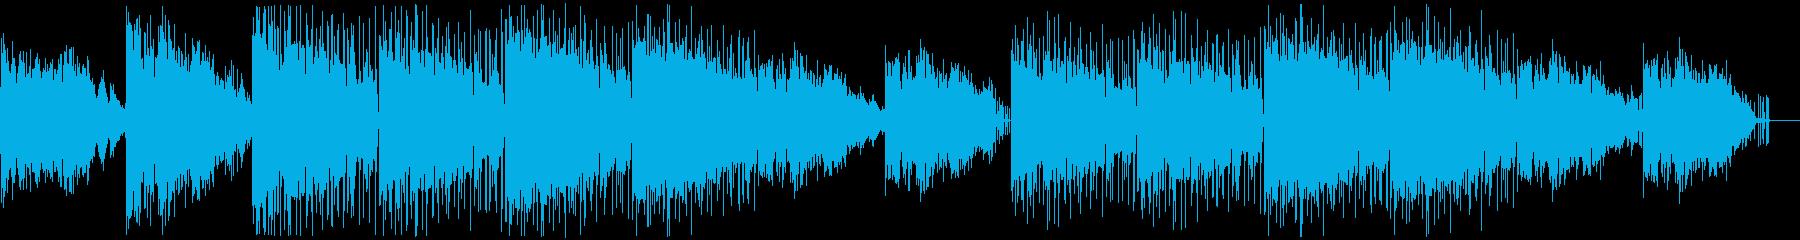 緊迫感・緊張感・サスペンスBGMの再生済みの波形